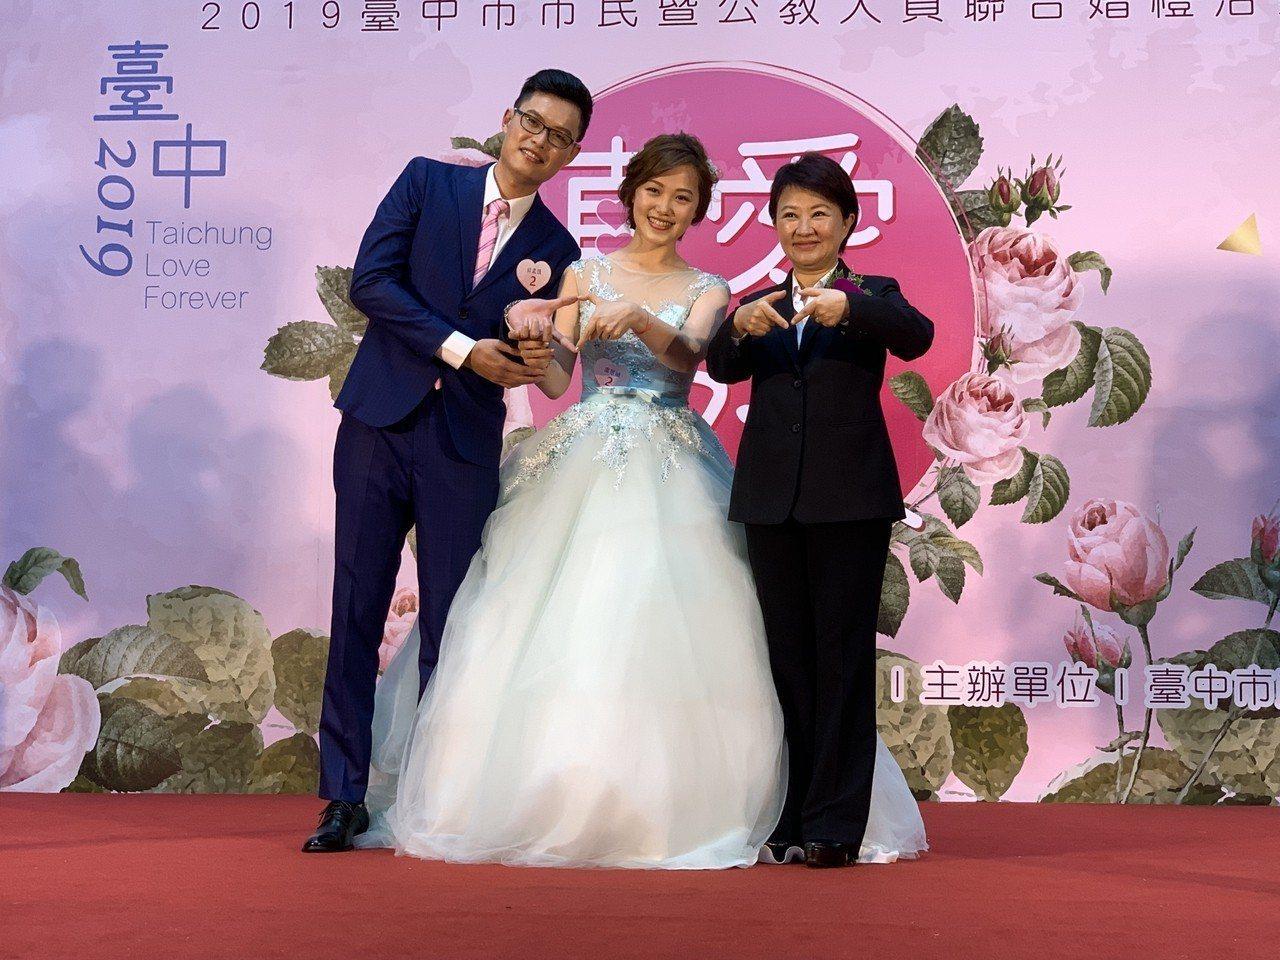 台中市辦市民暨公教人員聯合婚禮,一共有50對新人報名參加,市長盧秀燕(右一)見證...